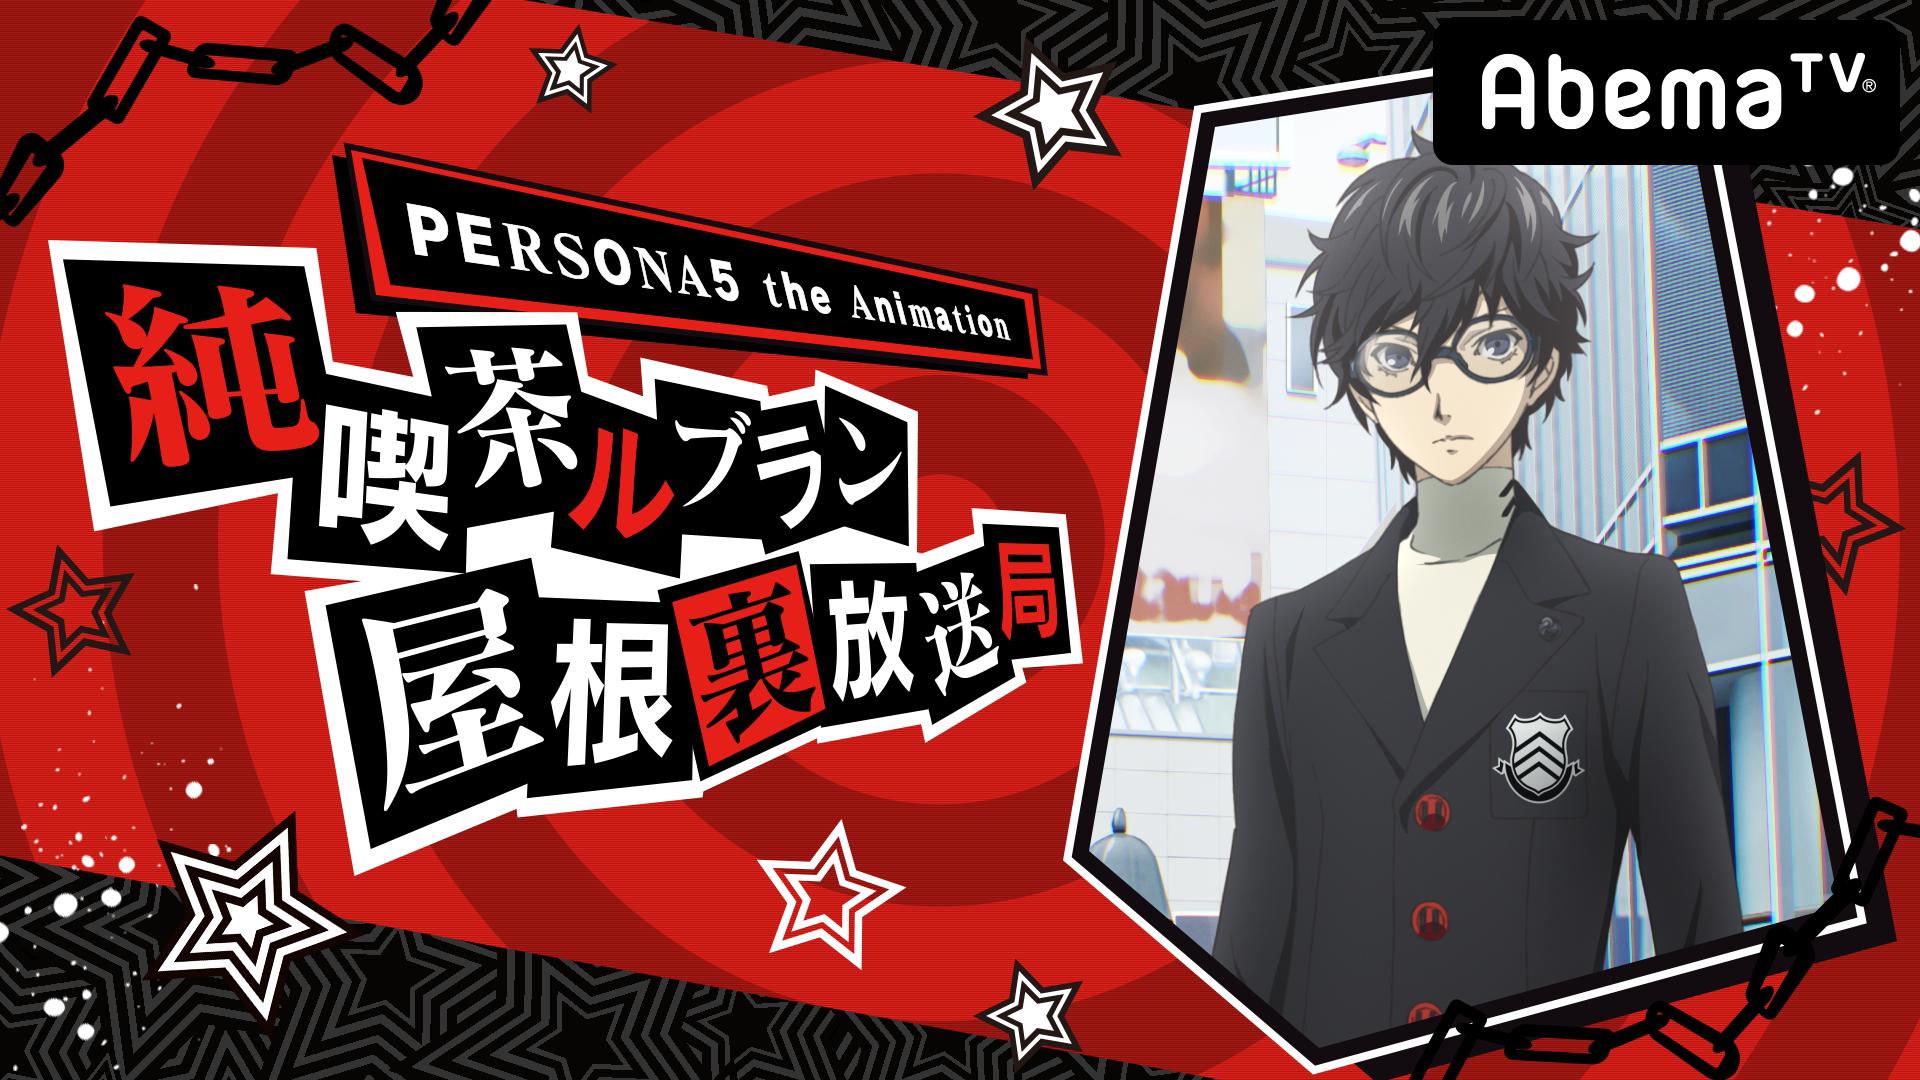 テレビアニメ『ペルソナ5』公式Webラジオ第15回目のゲストは声優・阪口大助さん&渕上舞さん!-8